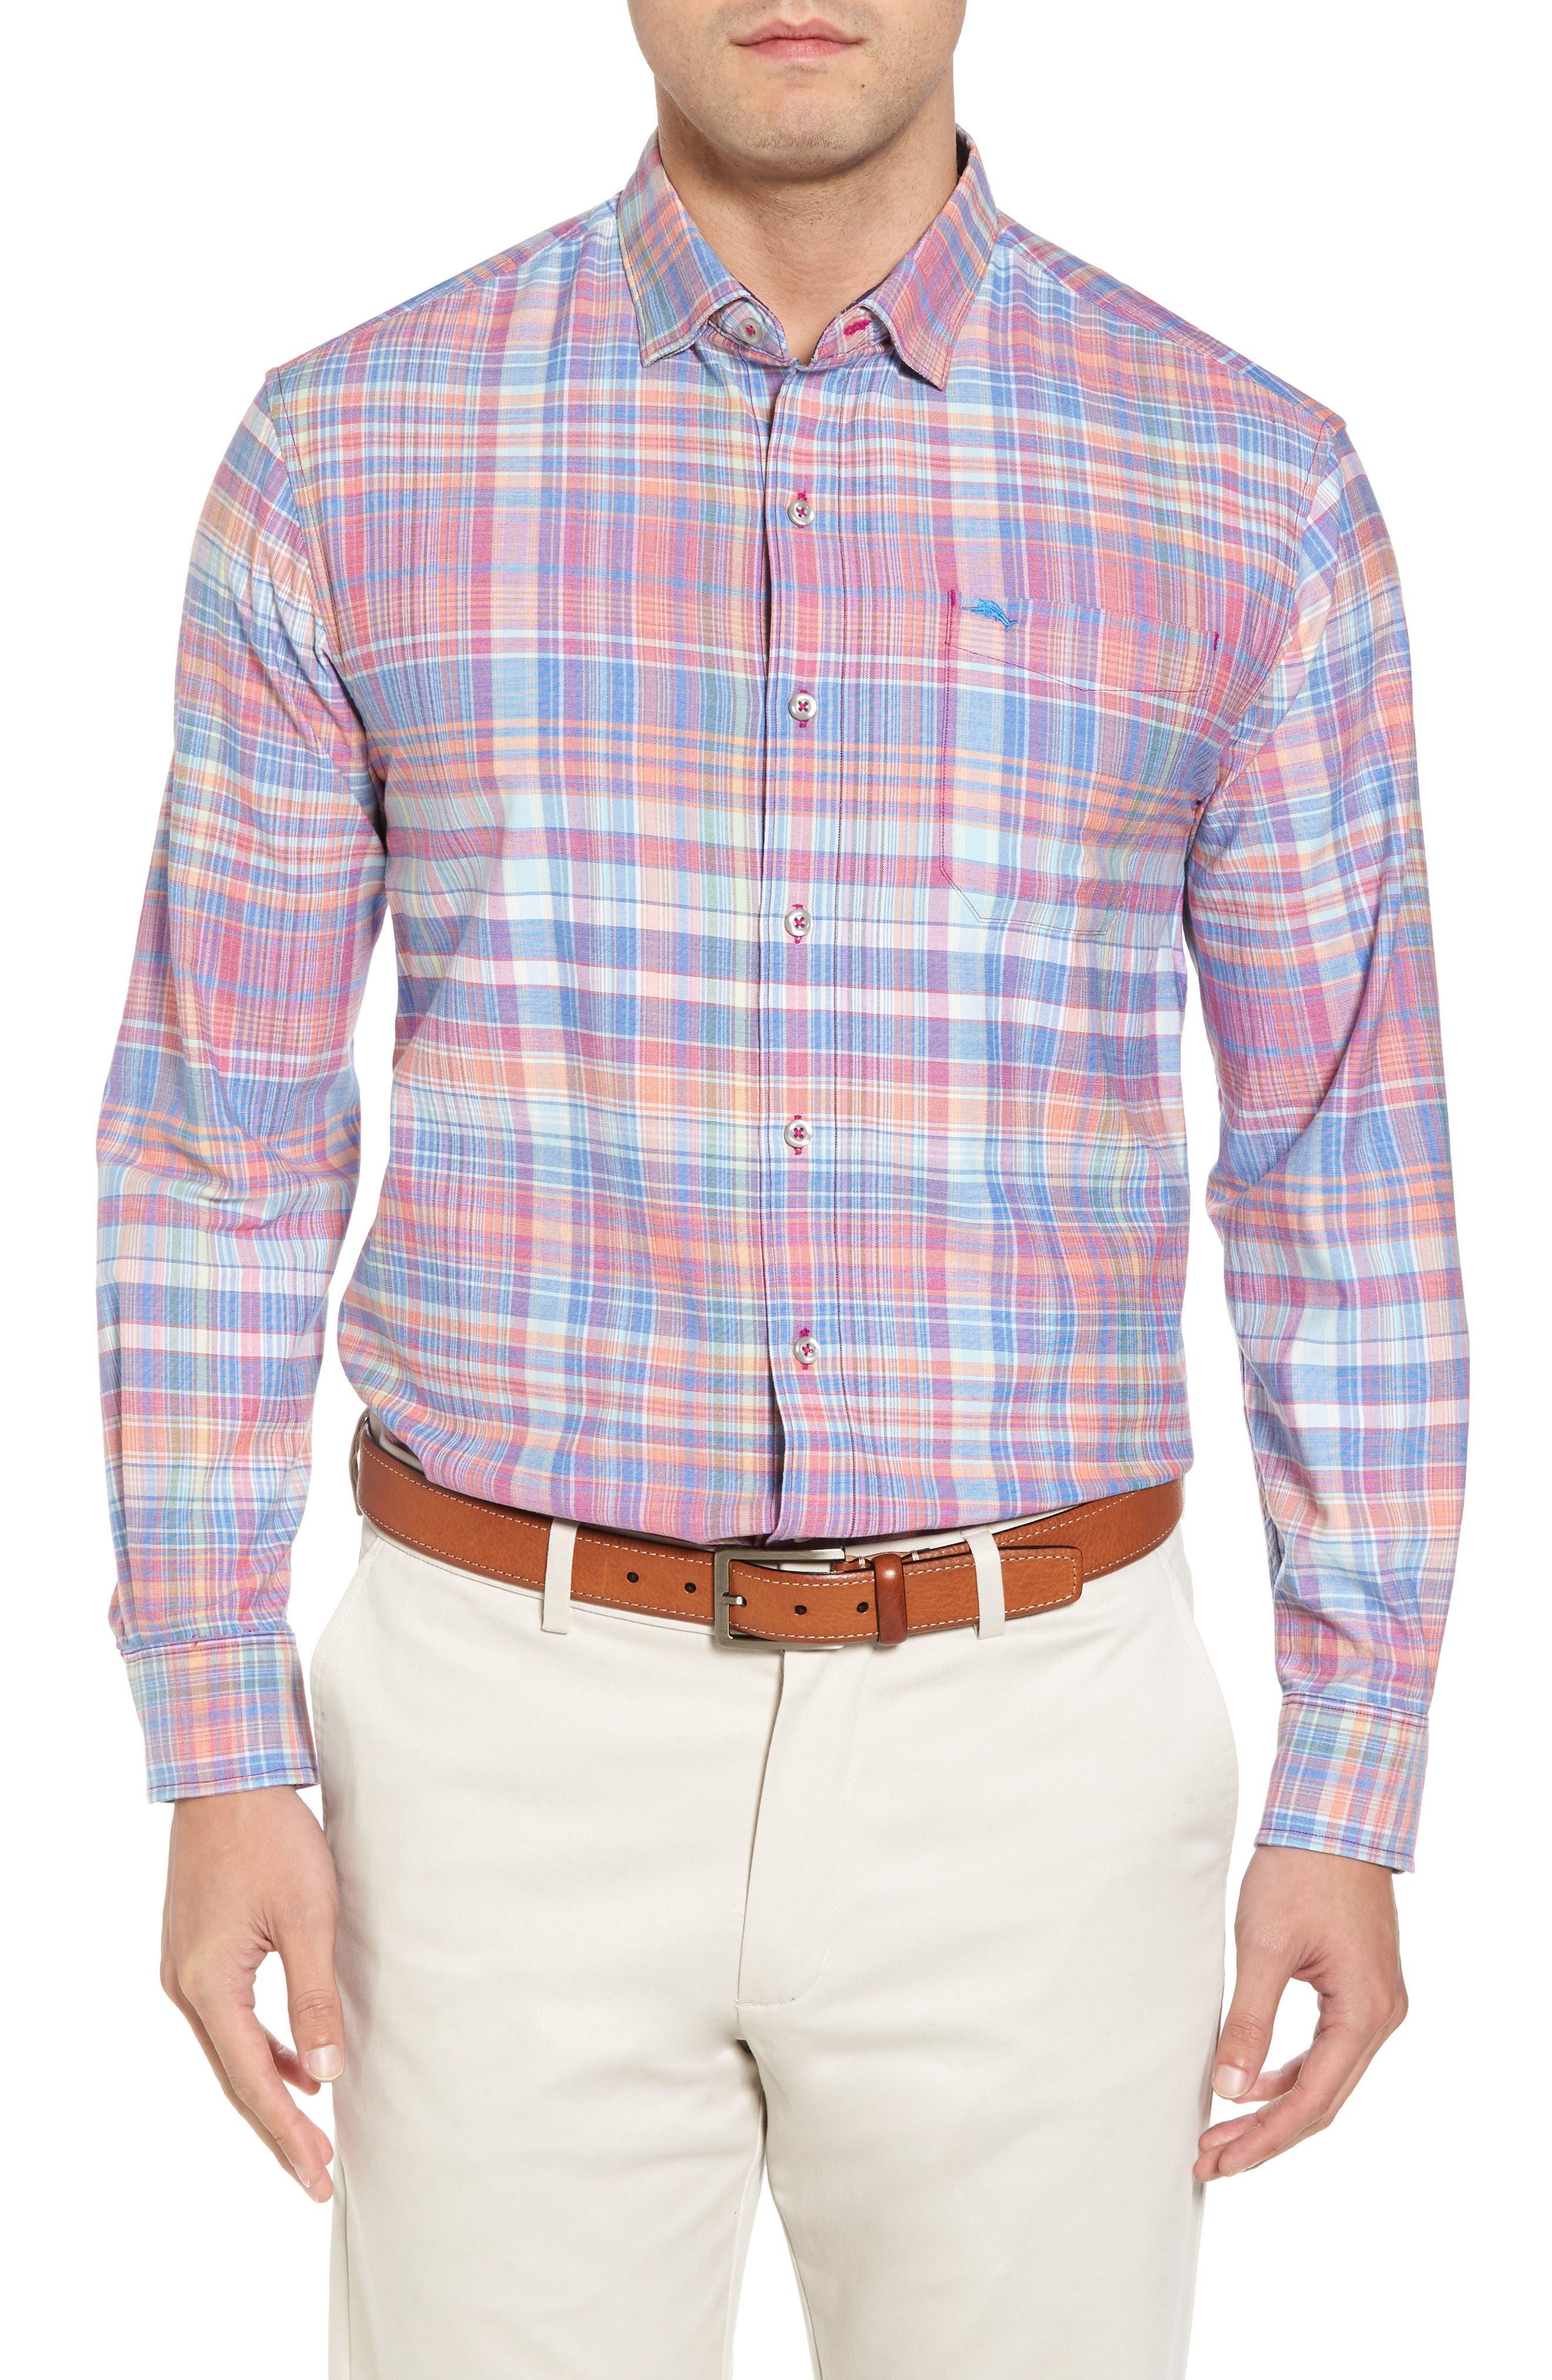 Mangrove Madras Regular Fit Sport Shirt,                         Main,                         color, 650